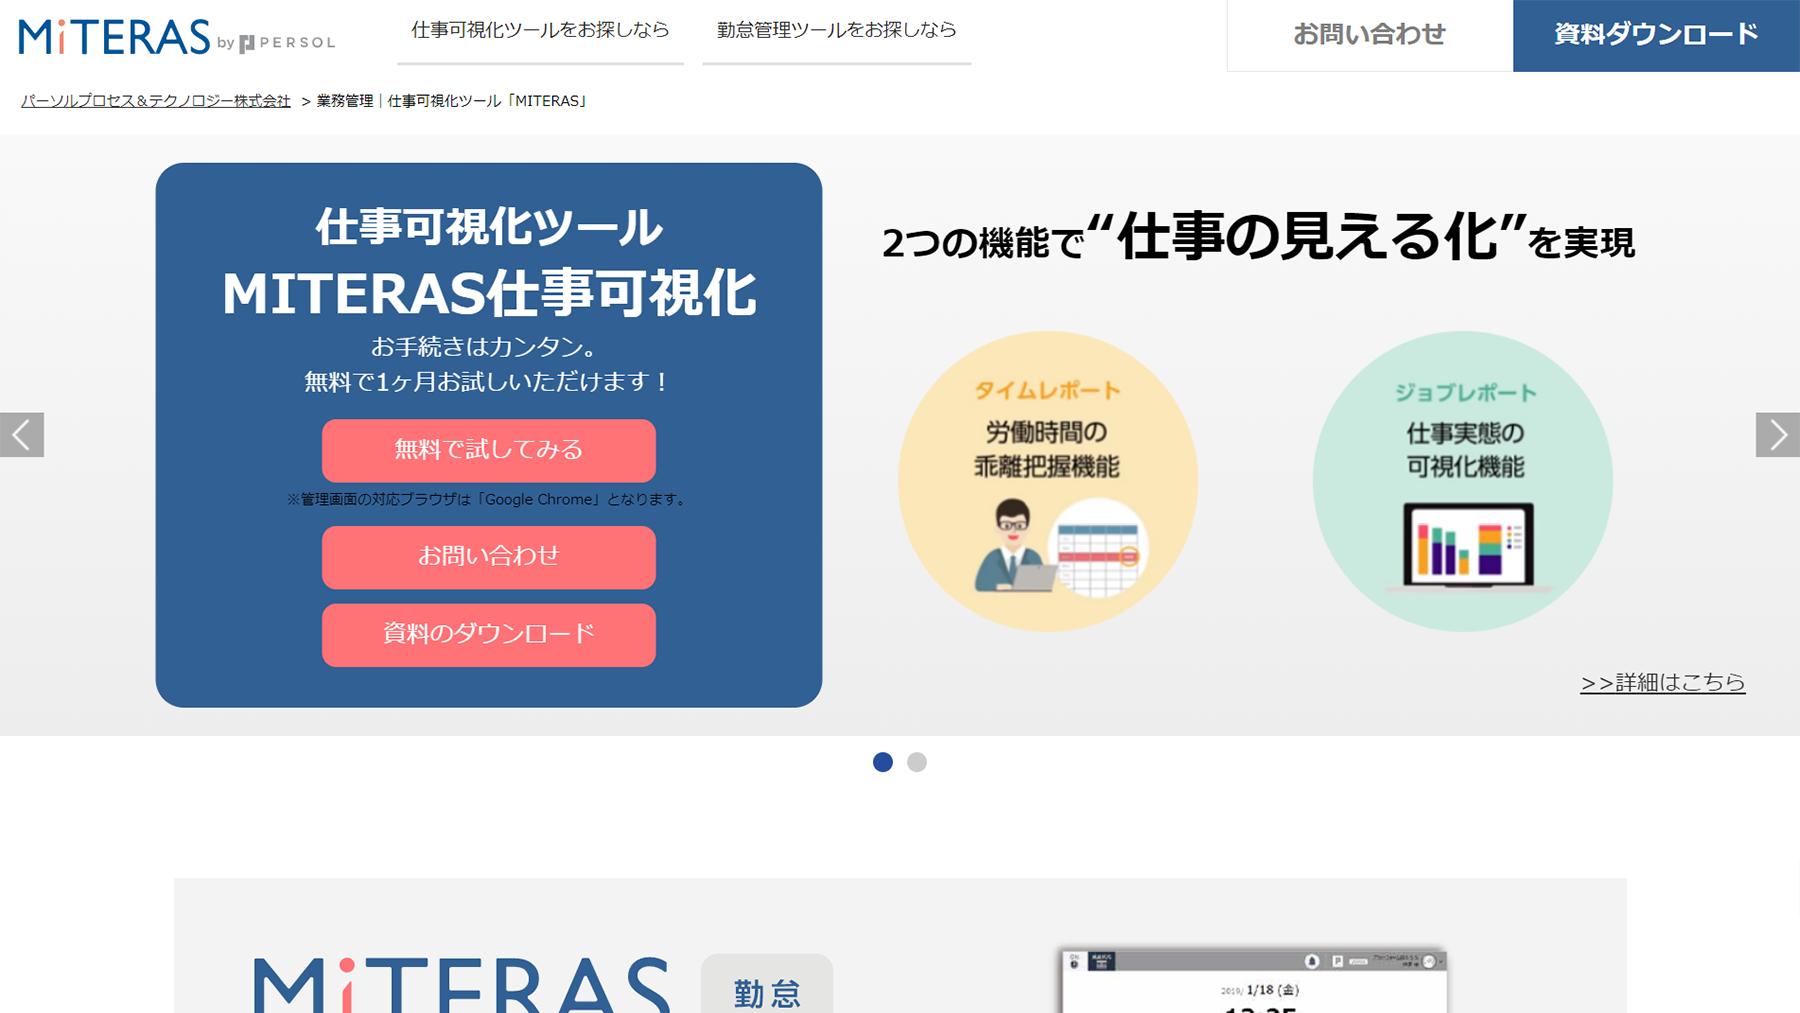 MITERAS仕事可視化公式Webサイト